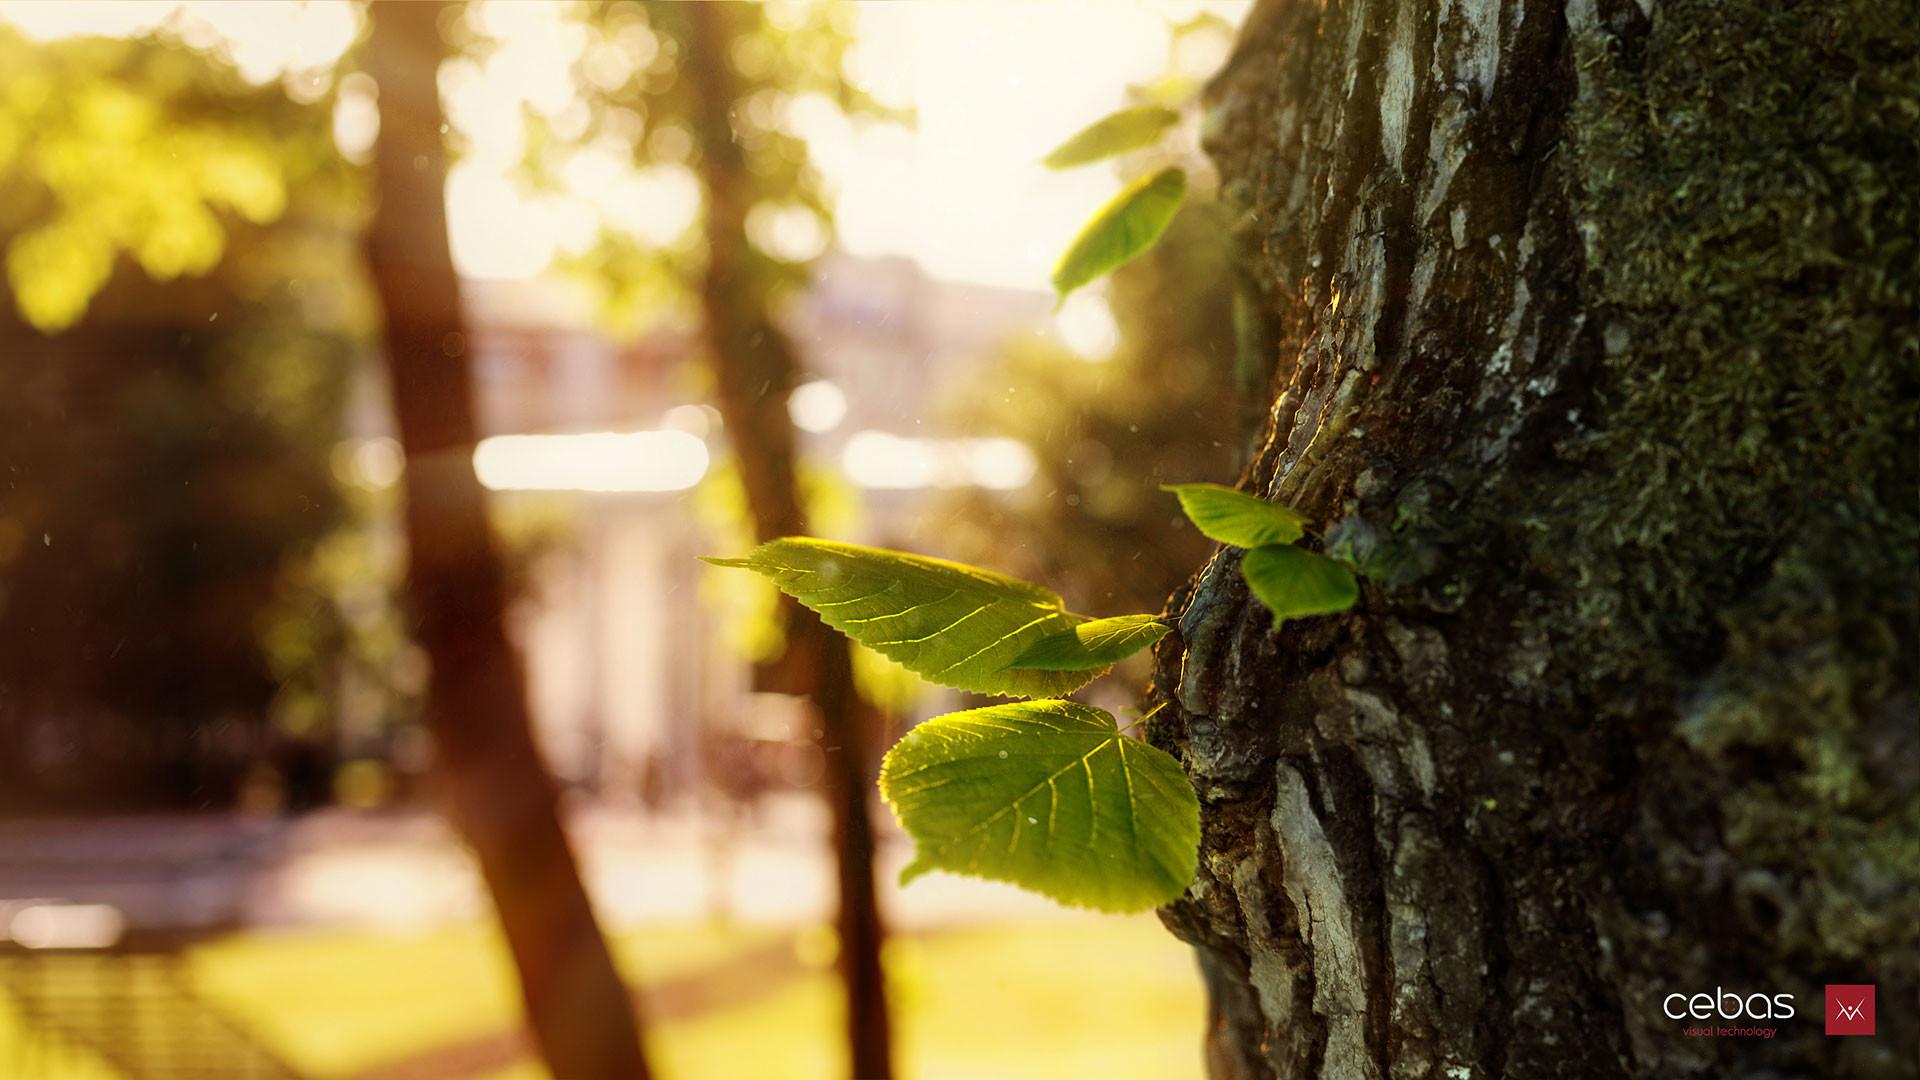 Mihai pandelescu leaf 01